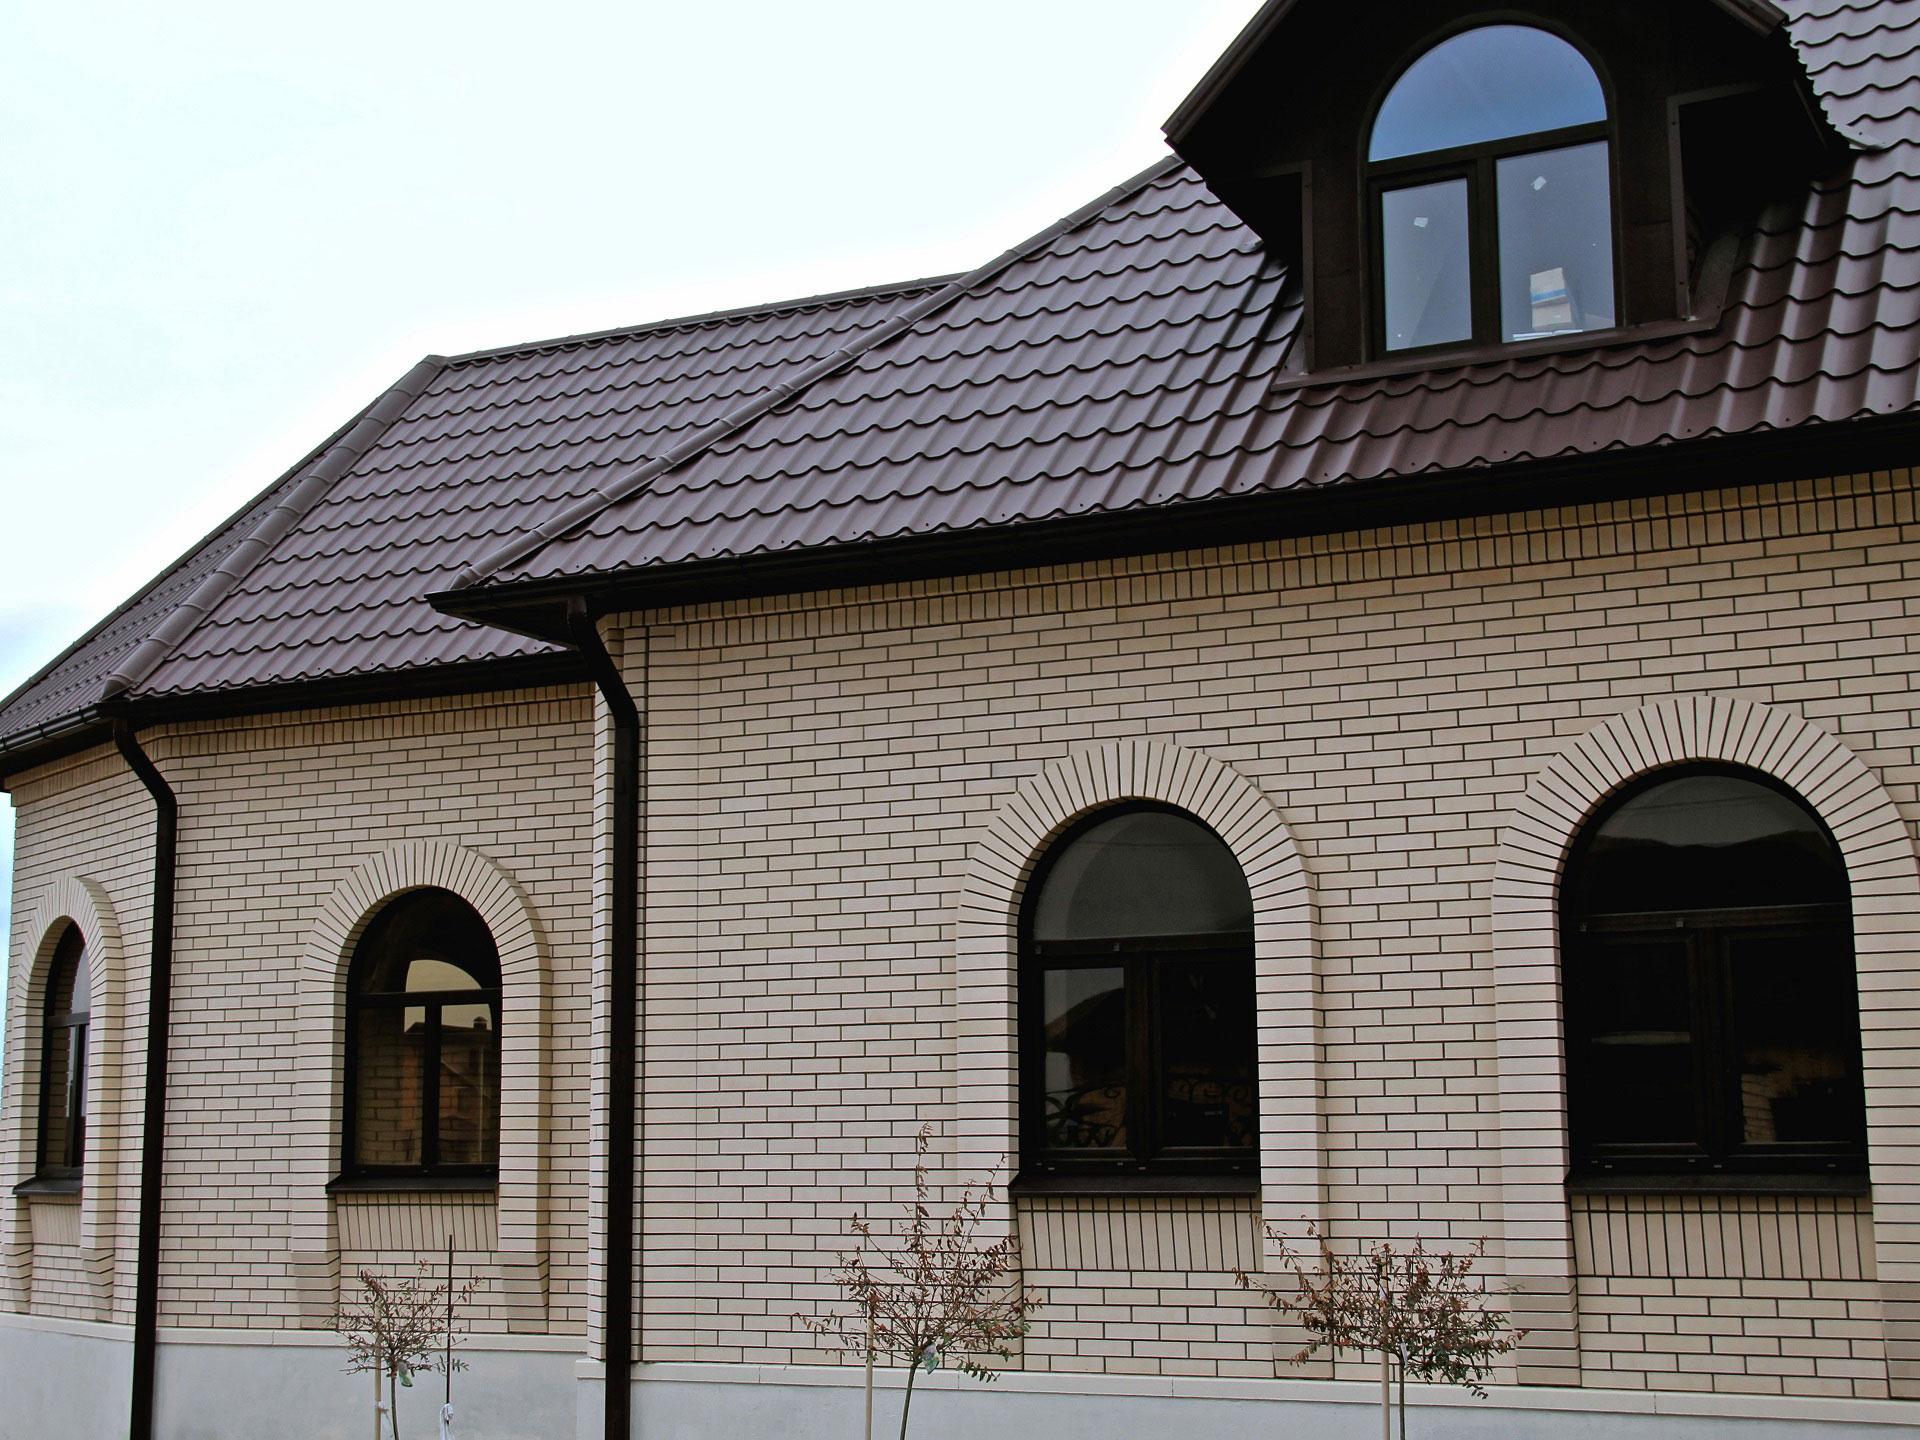 brique en céramique pour la façade de la maison